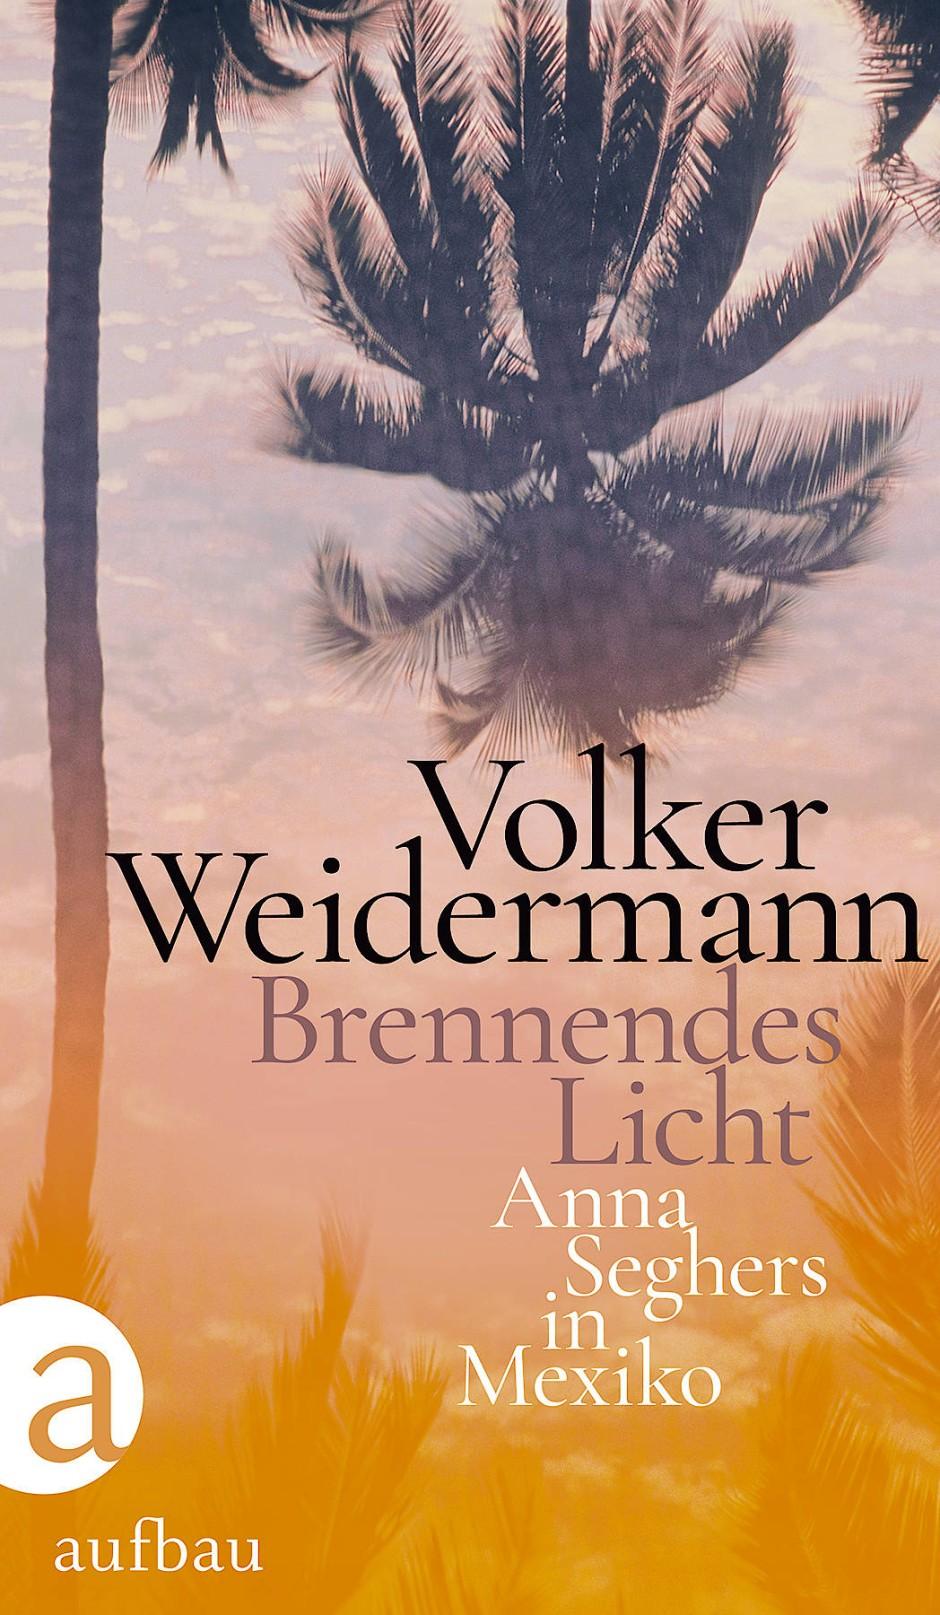 """Volker Weidermann: """"Brennendes Licht"""". Anna Seghers in Mexiko. Aufbau Verlag, Berlin 2020. 186 S., Abb., geb., 18,– €."""